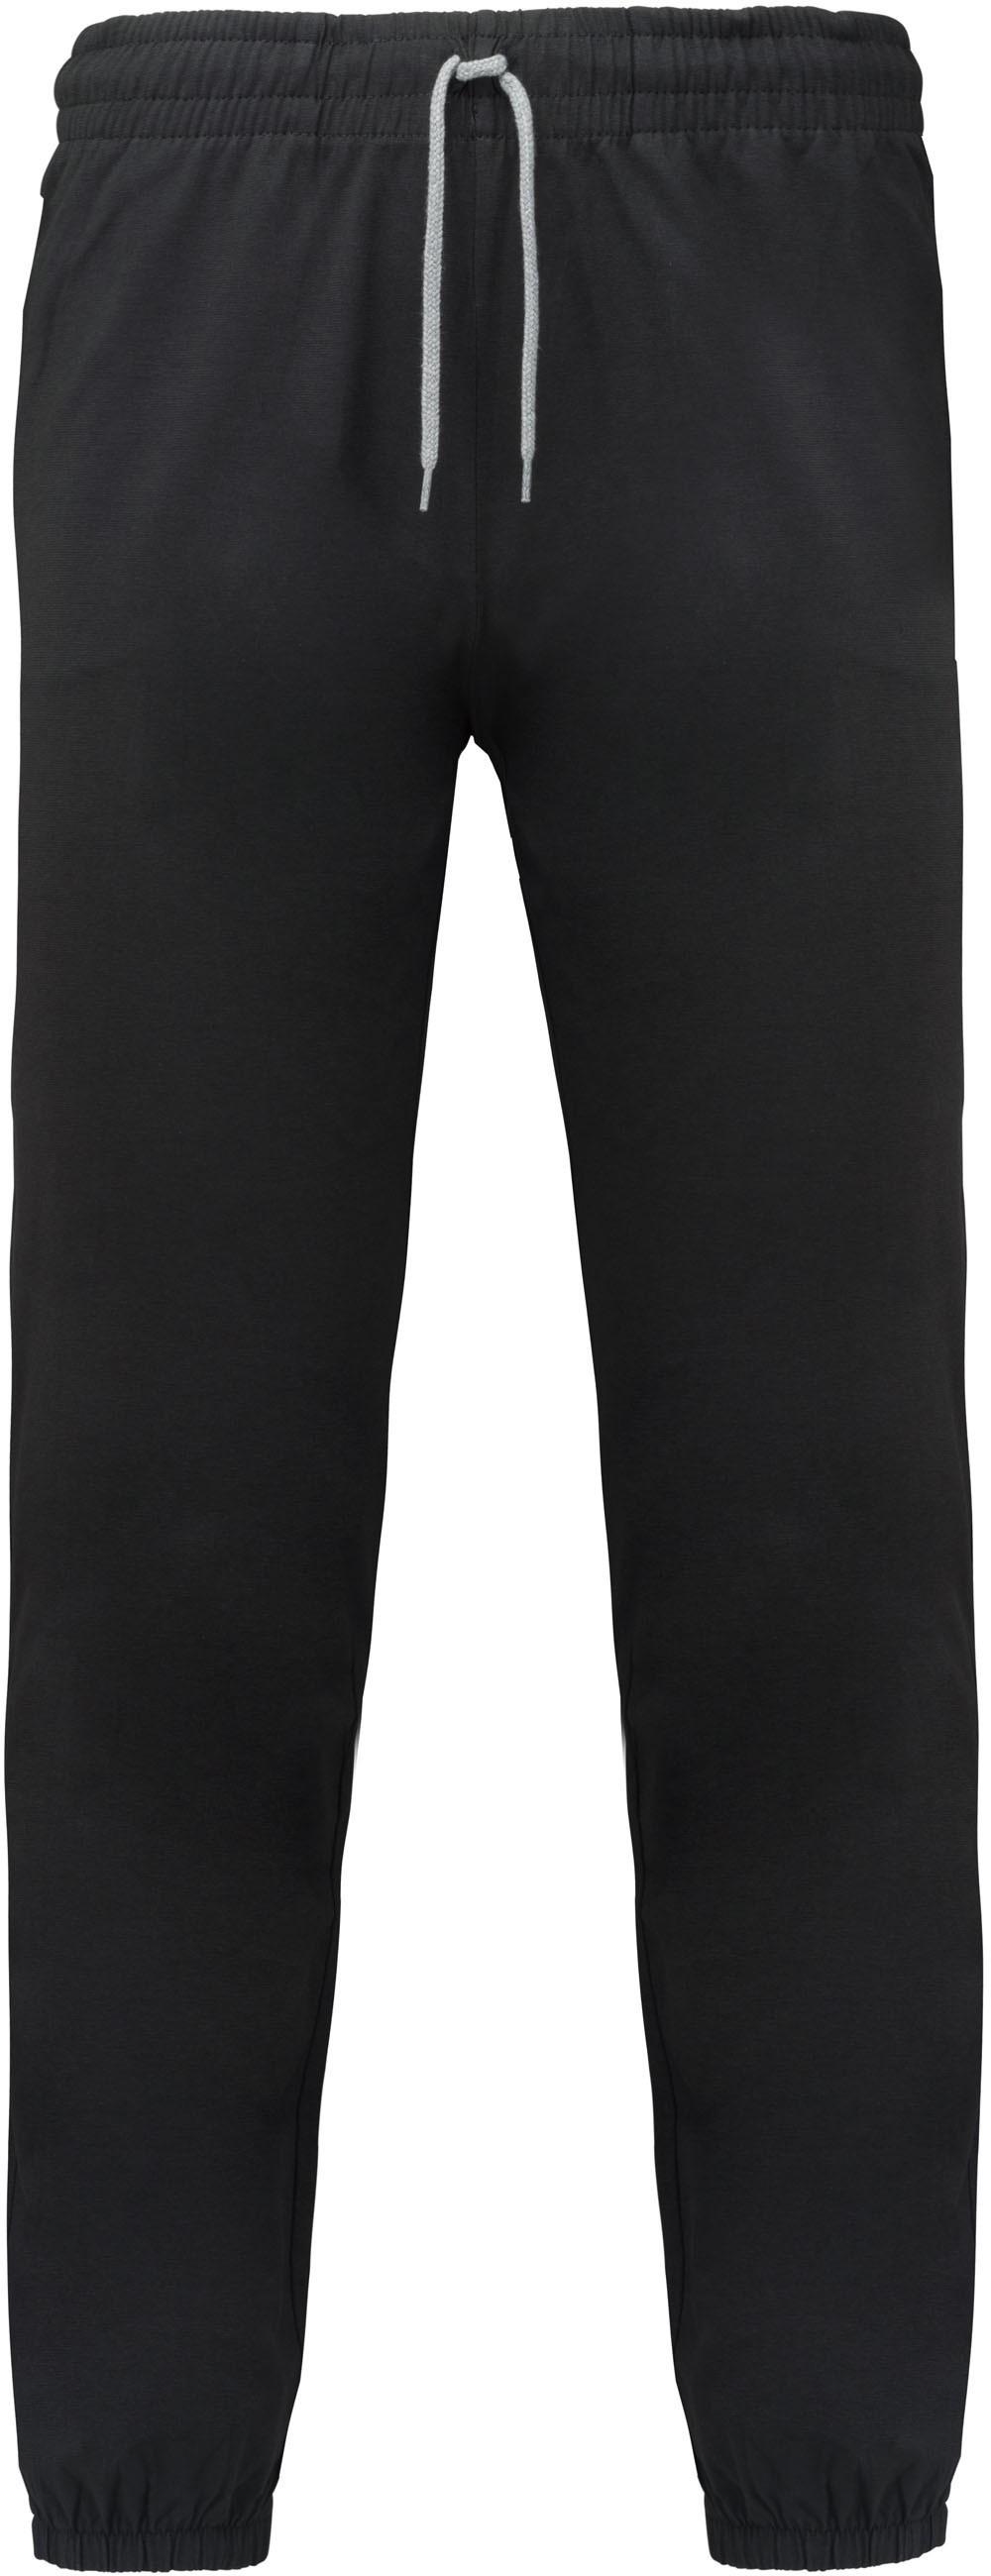 Pantalon de jogging en coton léger unisexe - 2-1370-8